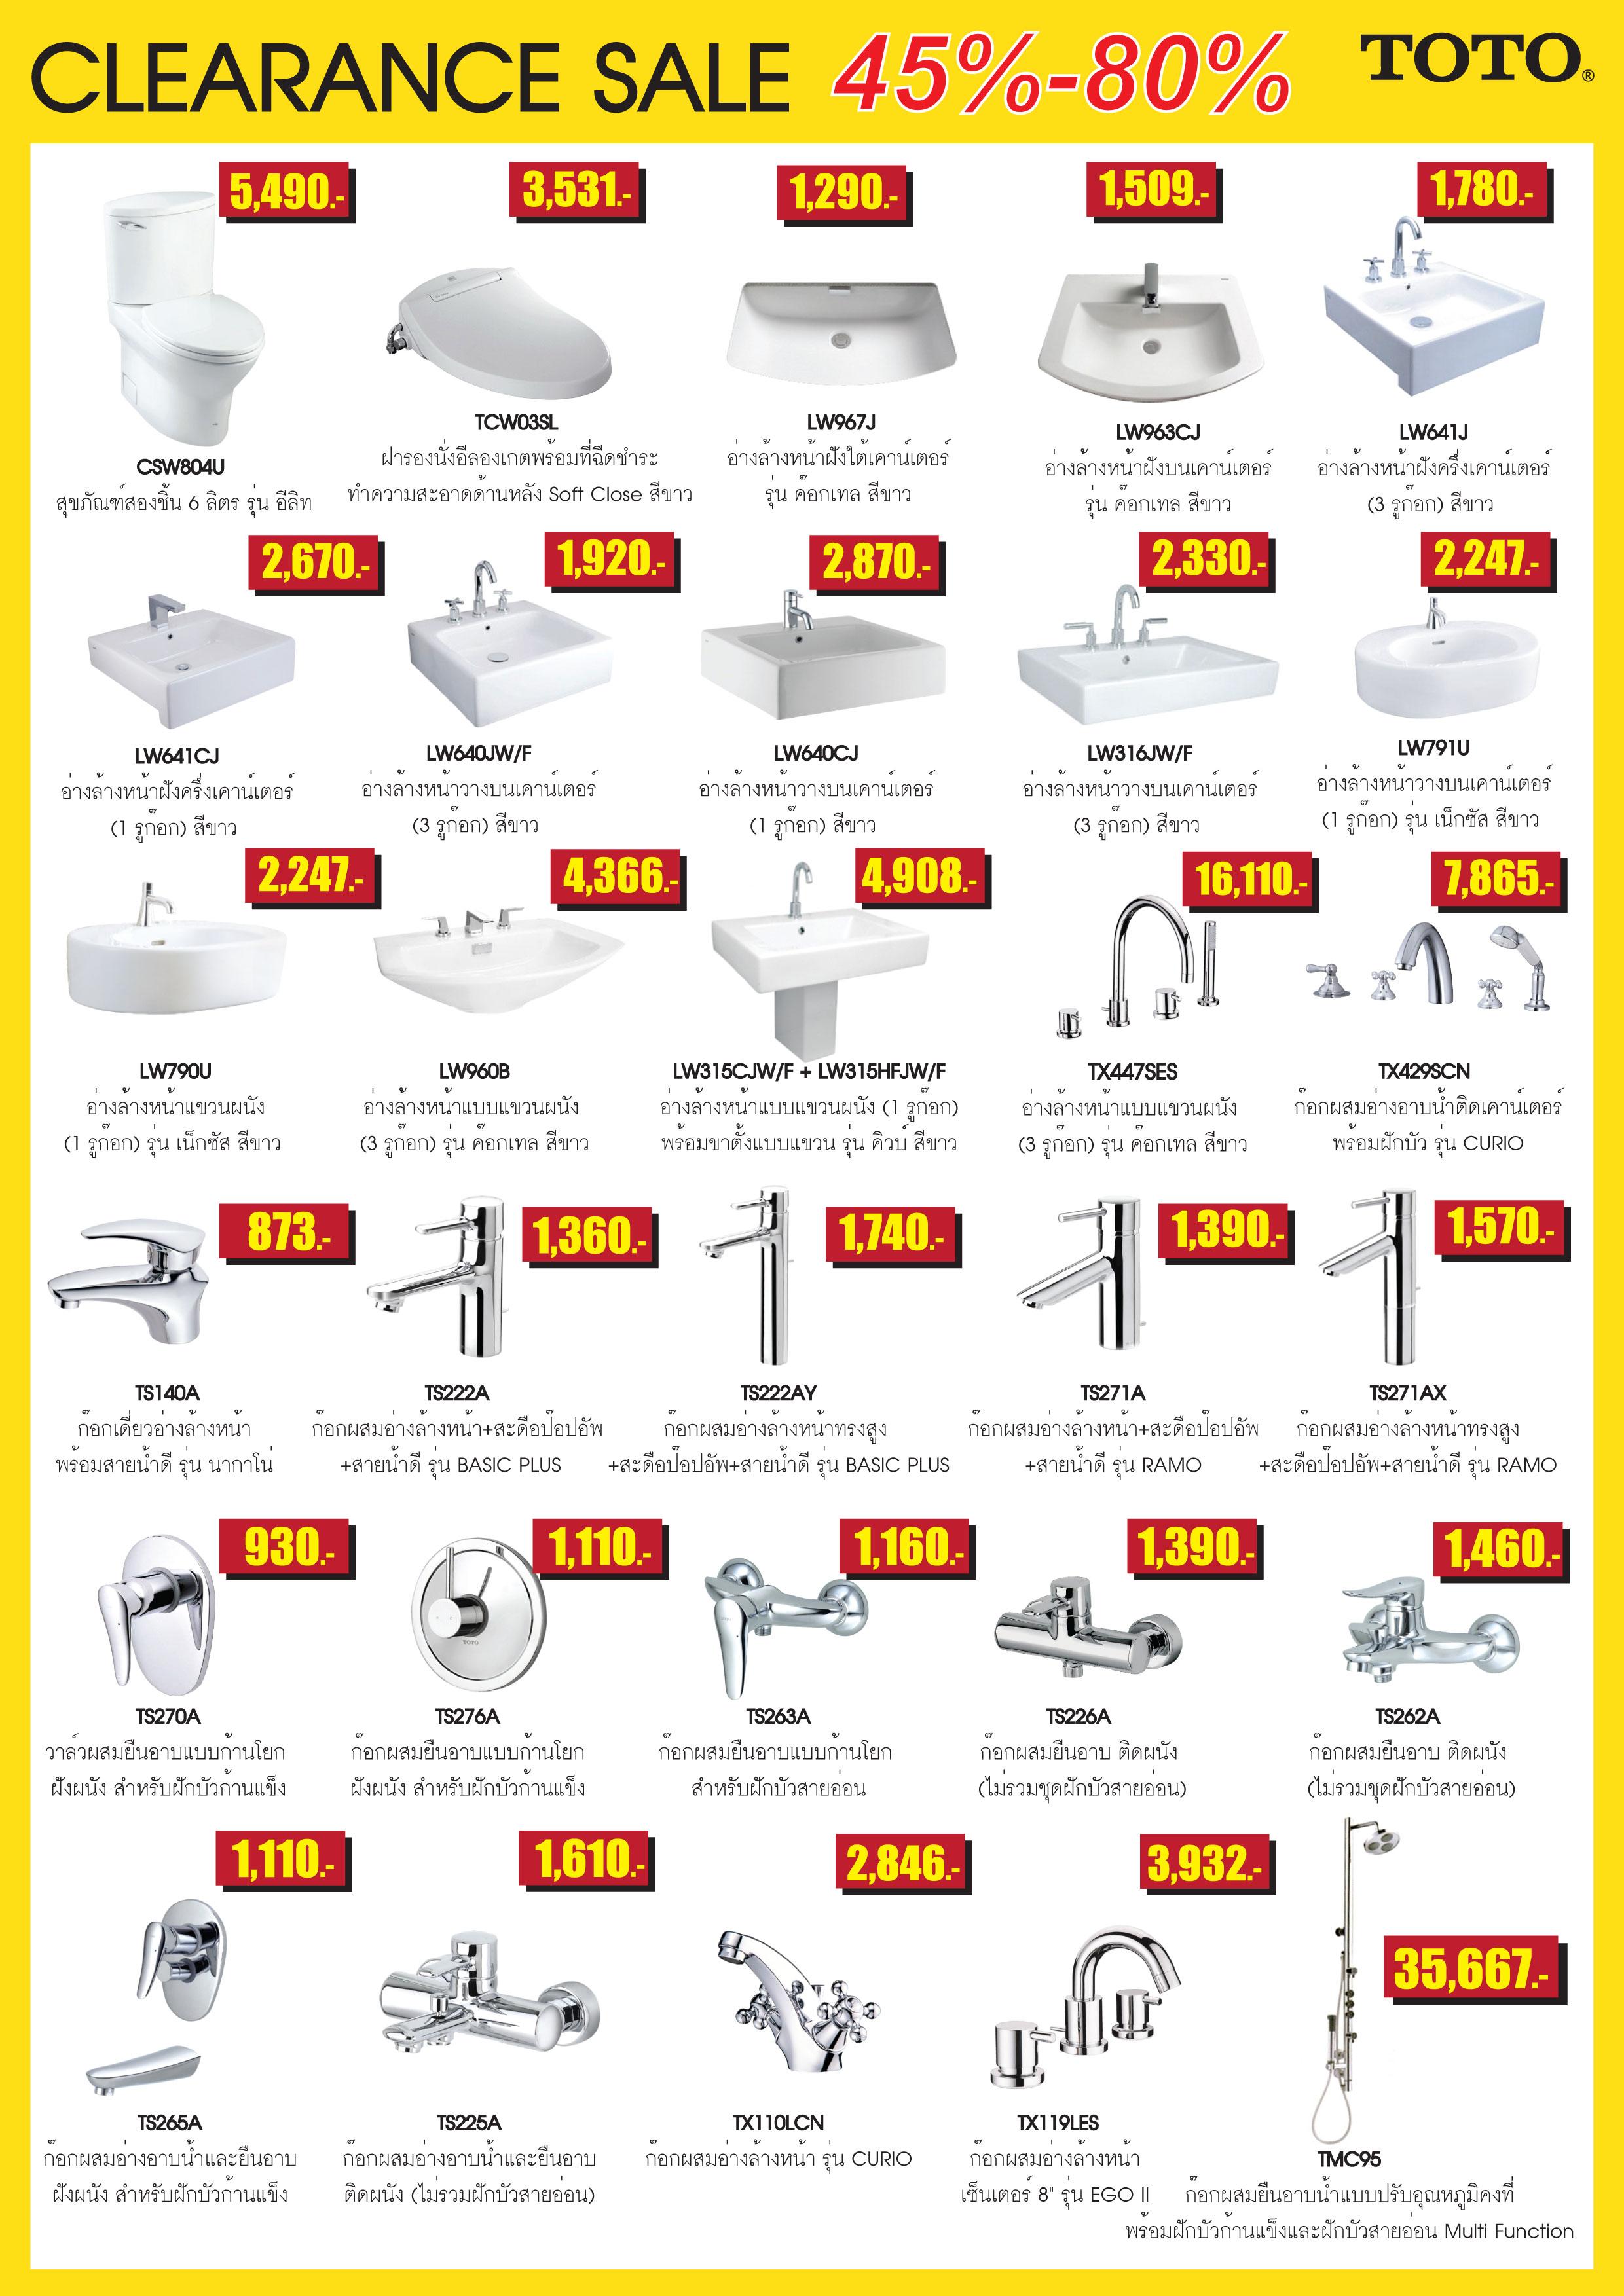 TOTO CLEARANCE SALE ลดทลายสต๊อก 80% ชักโครก สุขภัณฑ์ อ่างล้างหน้า ก๊อกน้ำ Faucet Toilet Shower Mixer